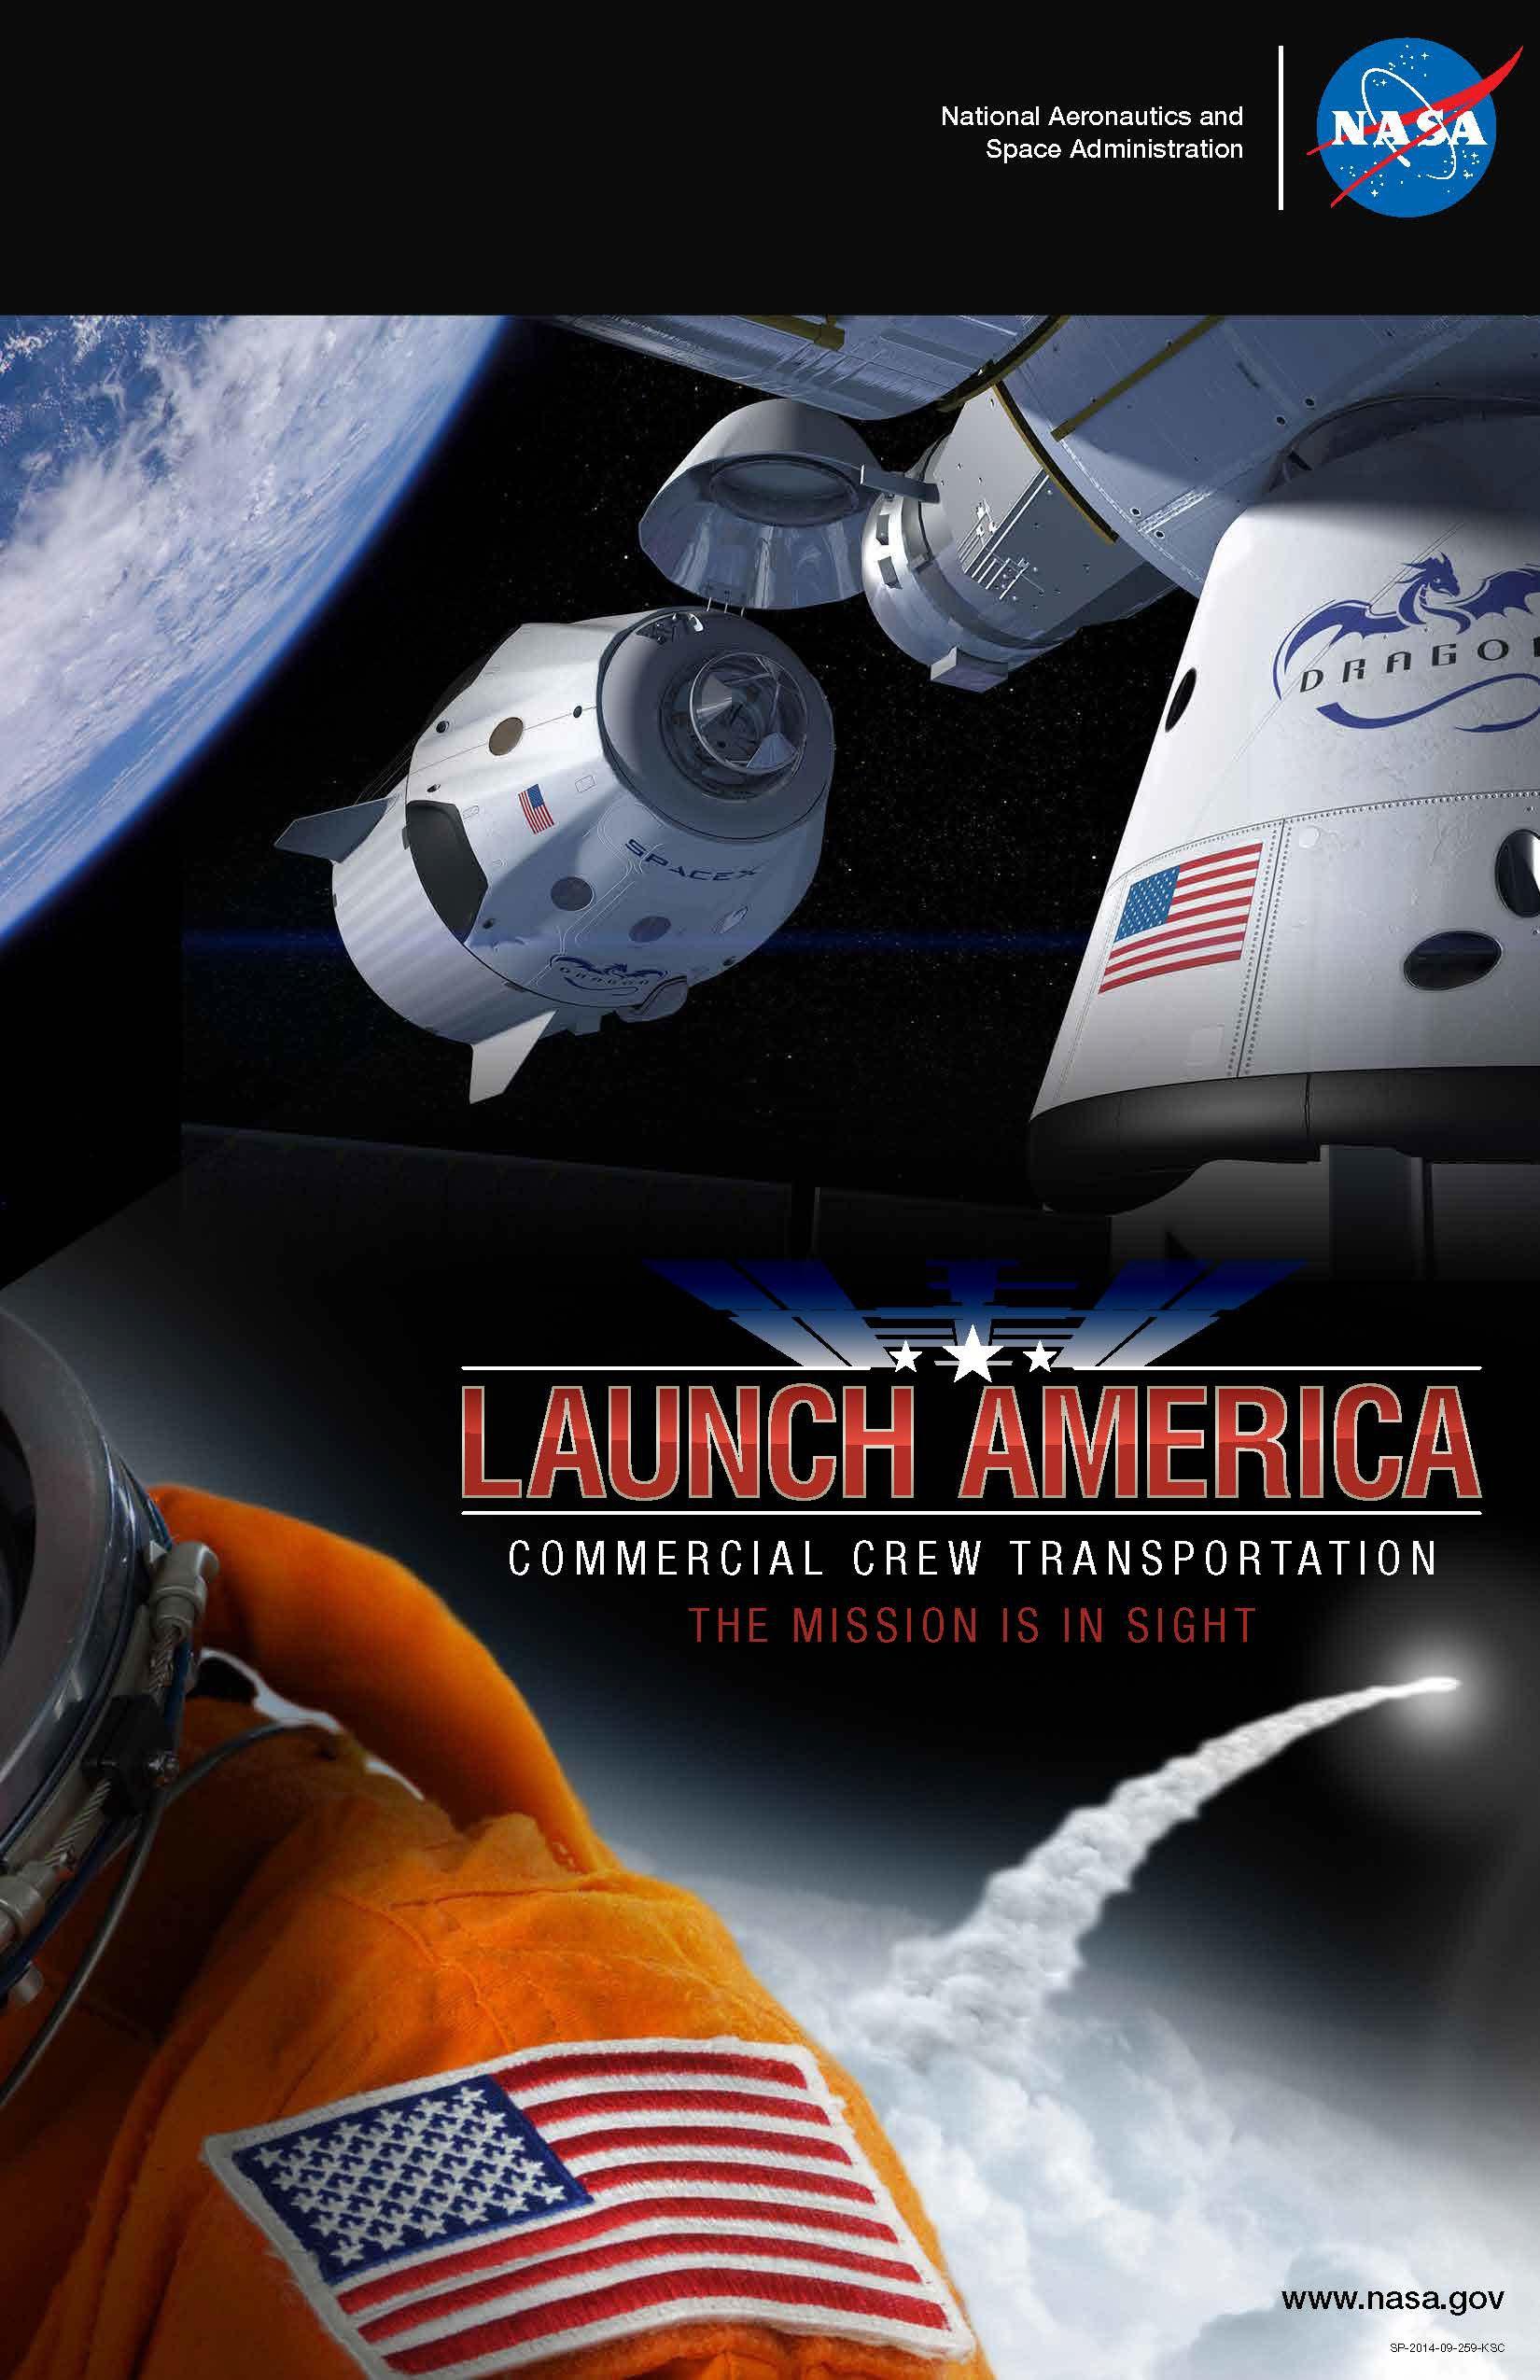 SpaceX завершает 1 этап работы над  программой коммерческих пилотируемых полетов